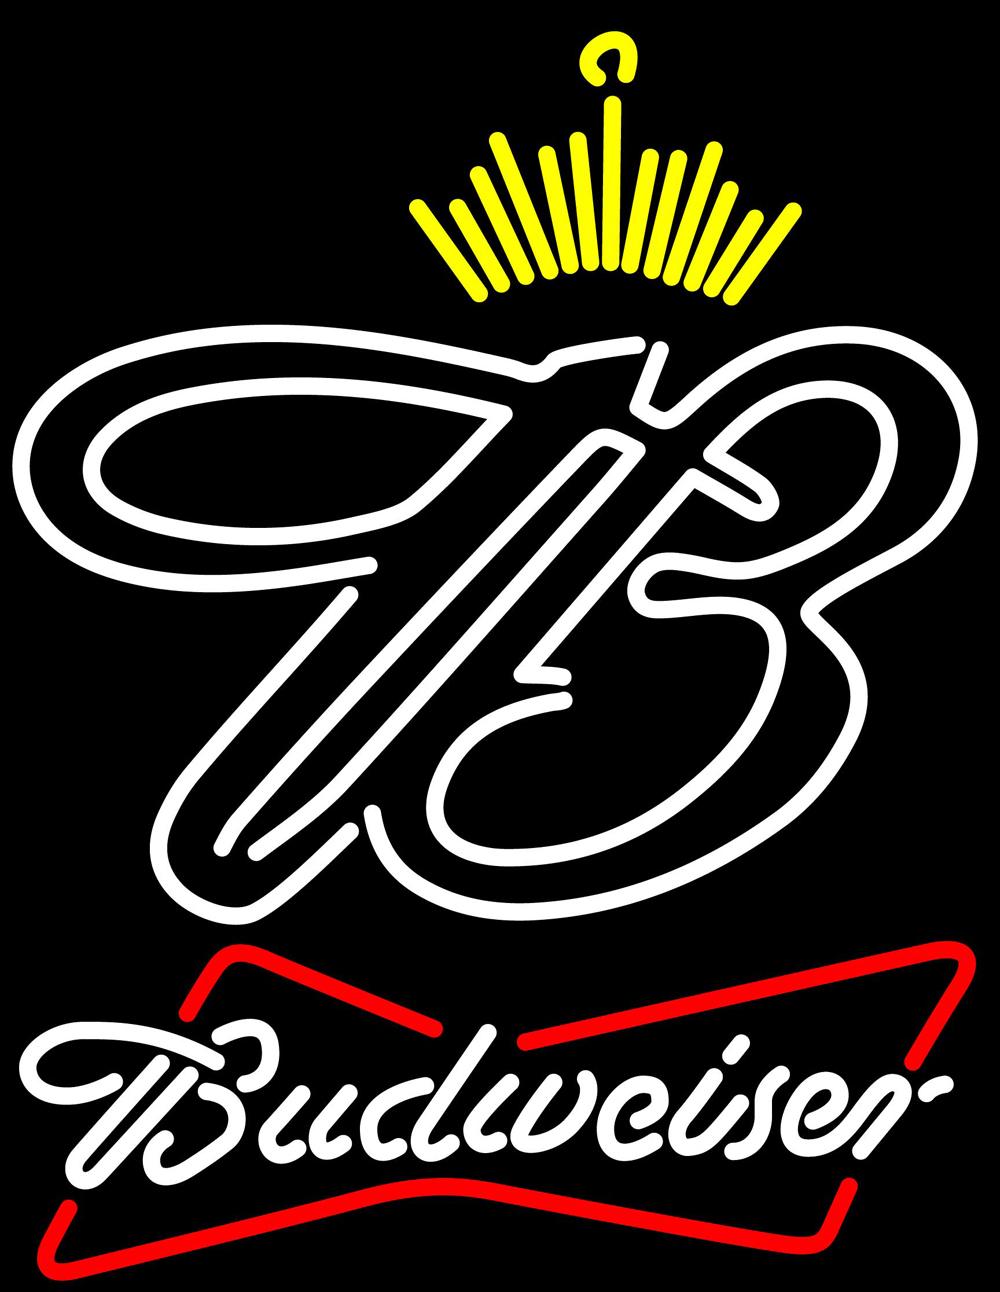 Budweiser bowtie crown neon sign 16  x 16  1